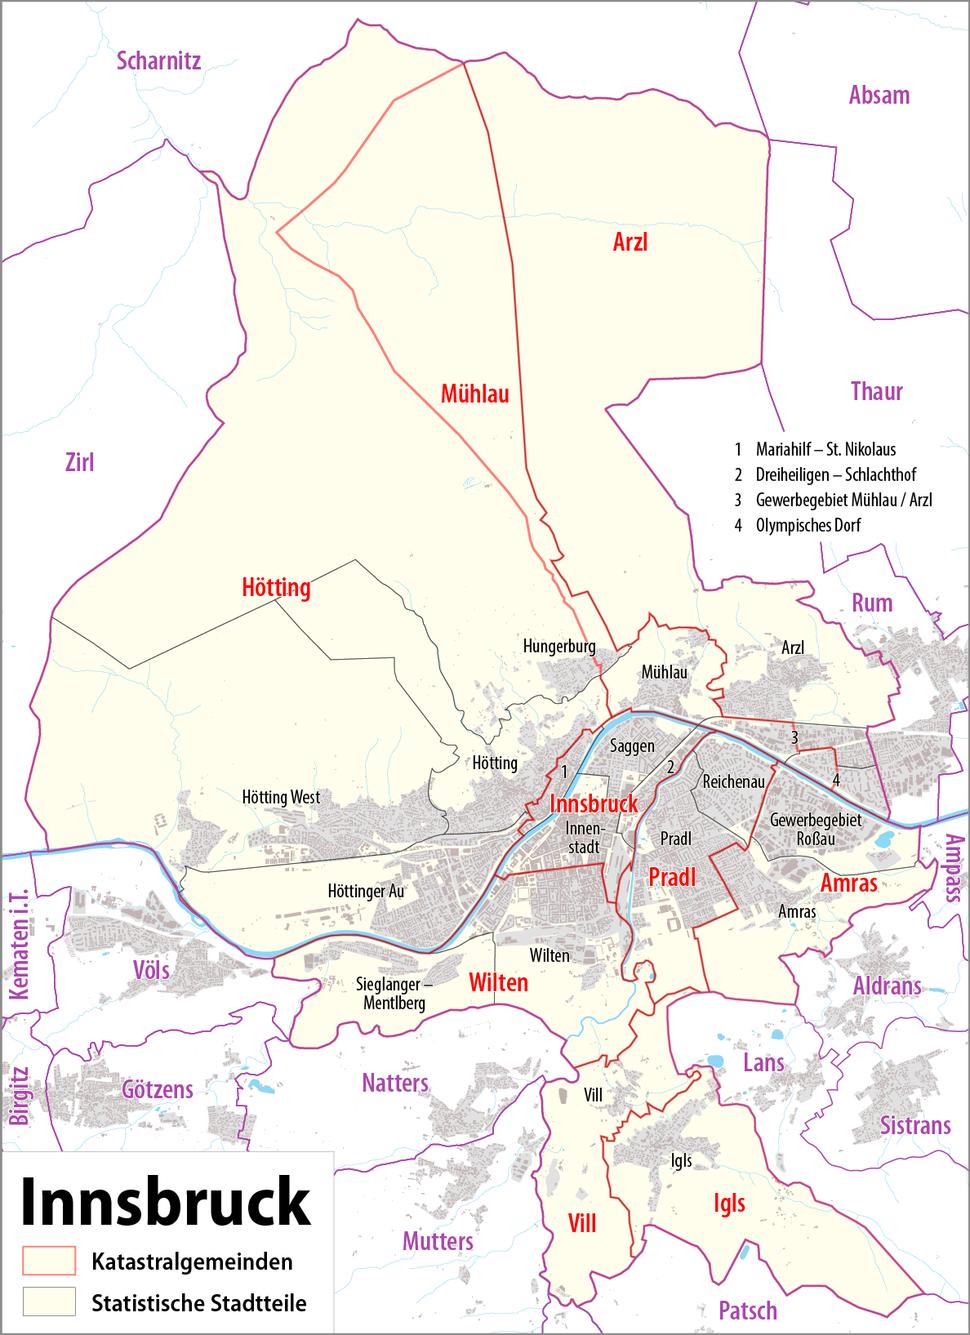 Karte Innsbruck - Katastralgemeinden und Statistische Stadtteile